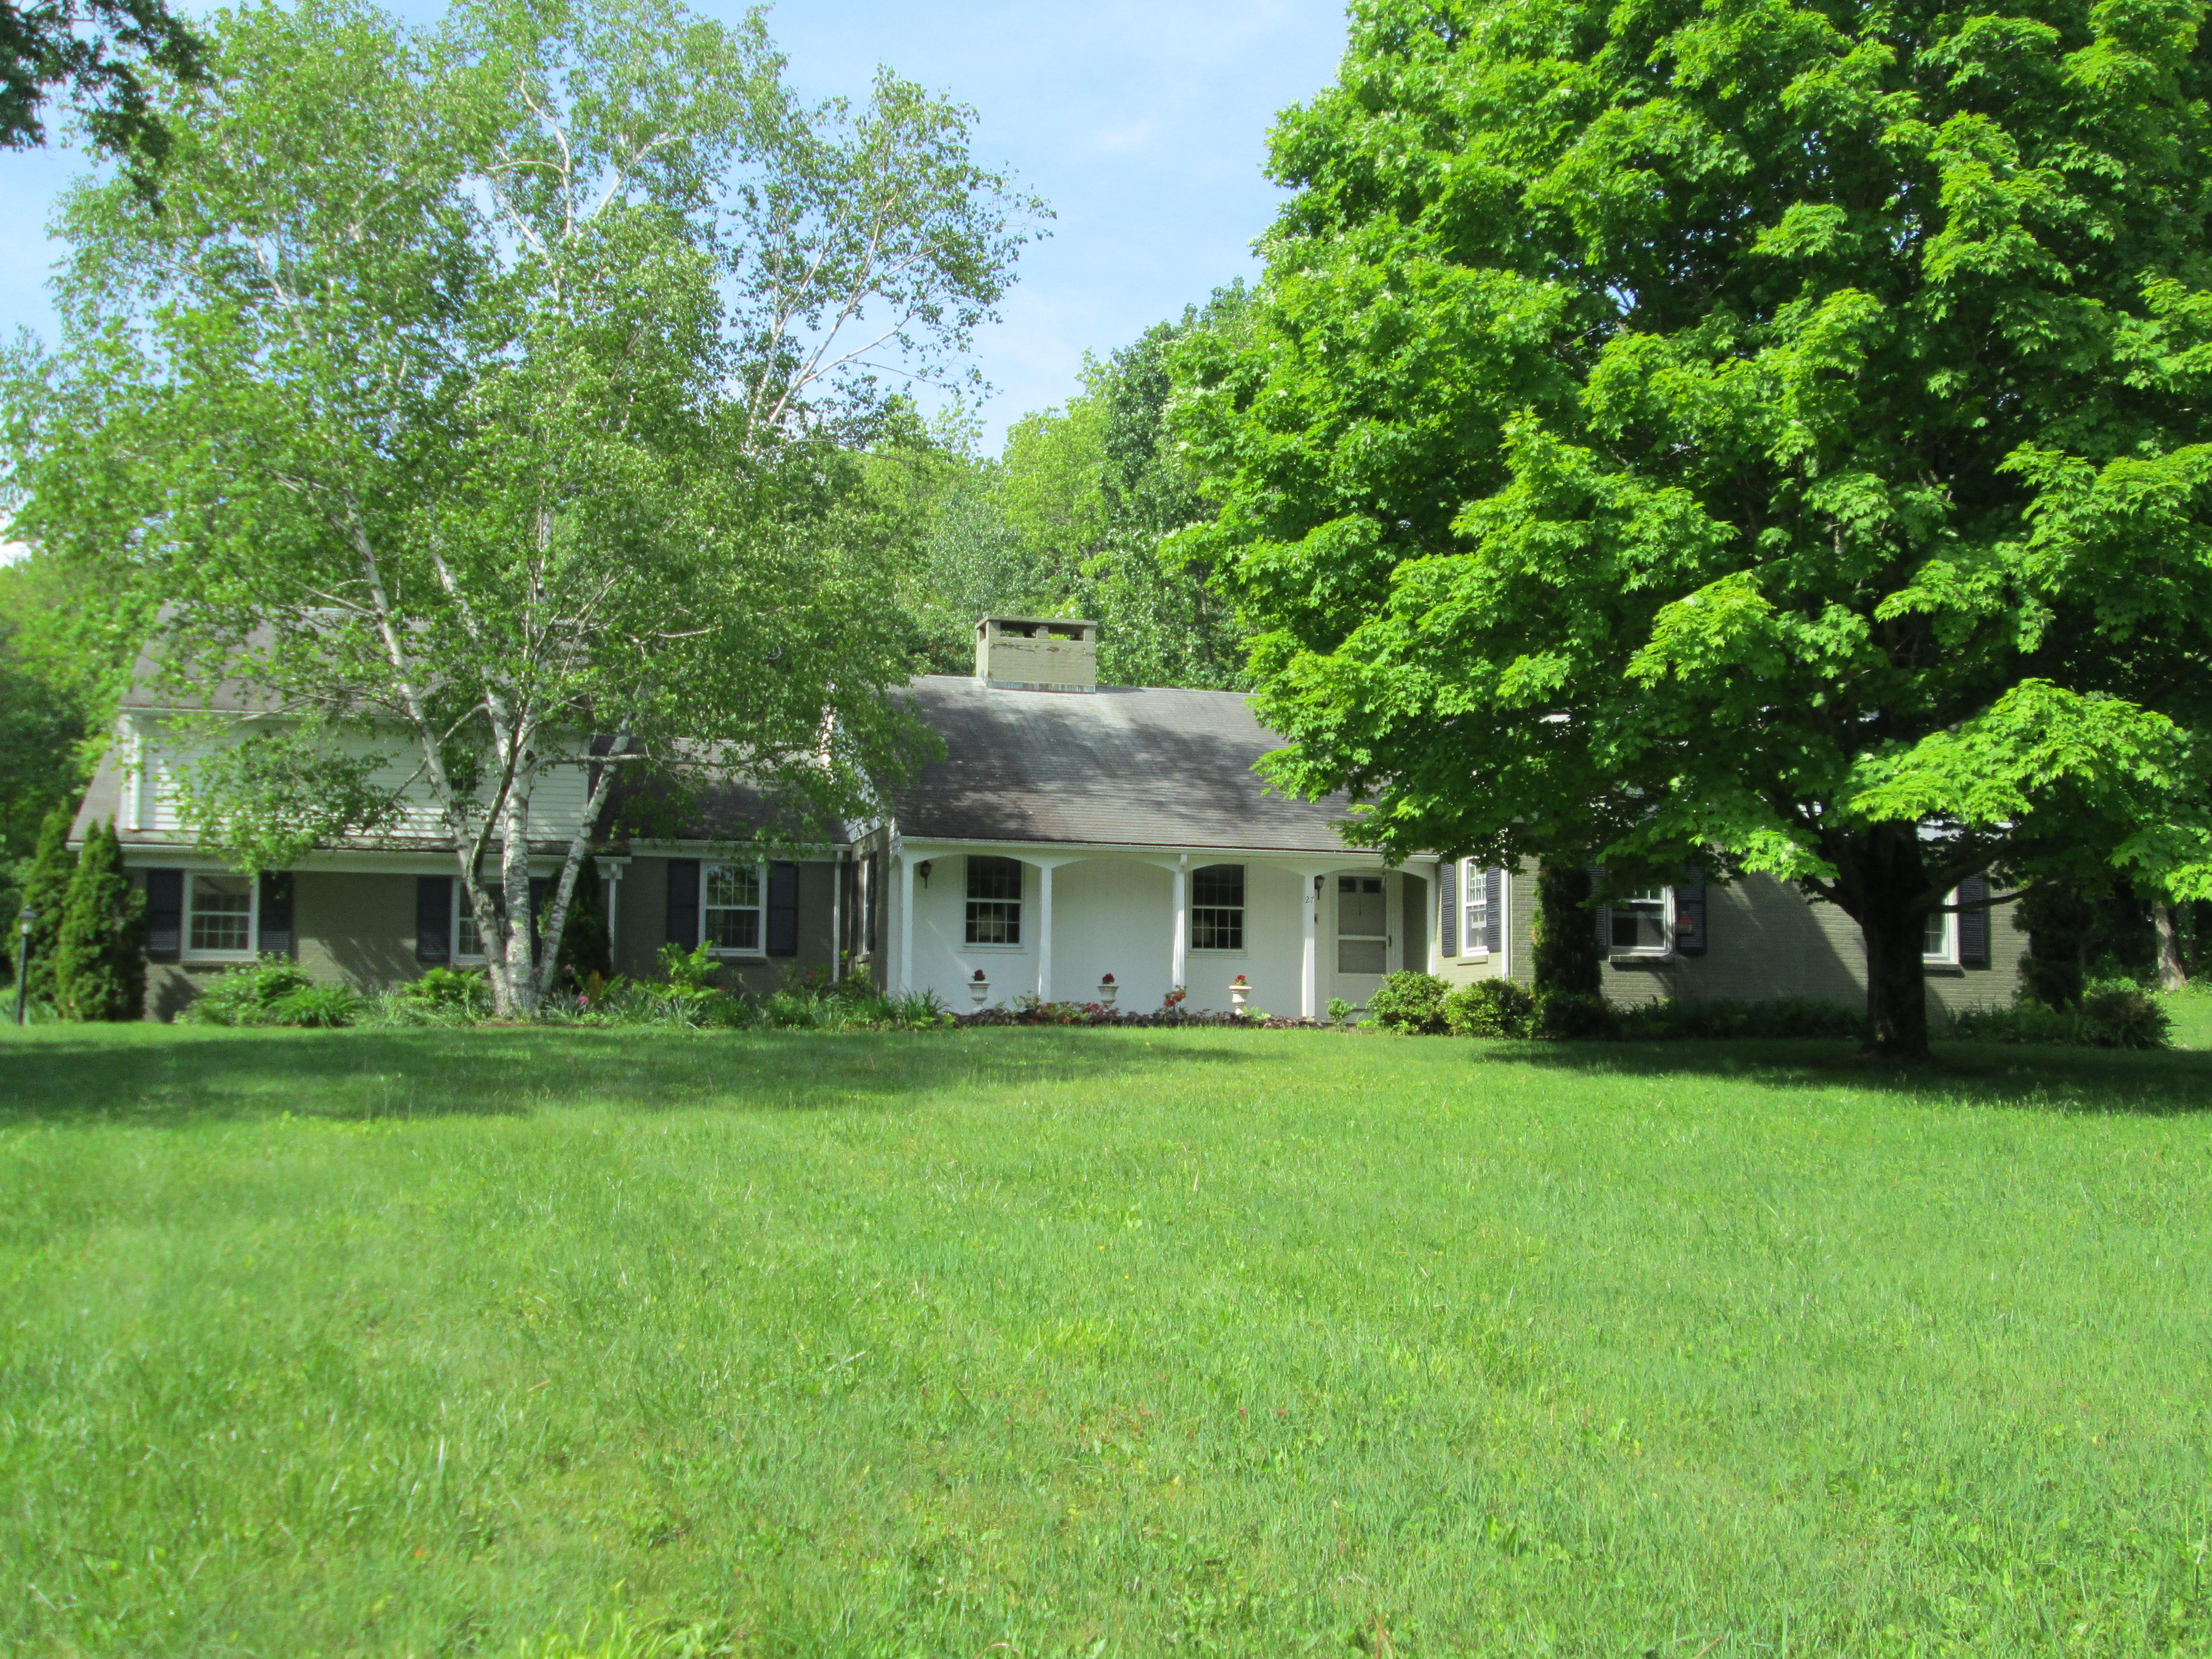 独户住宅 为 销售 在 Custom Built Private Ranch 27 Brook Hill 利奇菲尔德, 康涅狄格州, 06759 美国